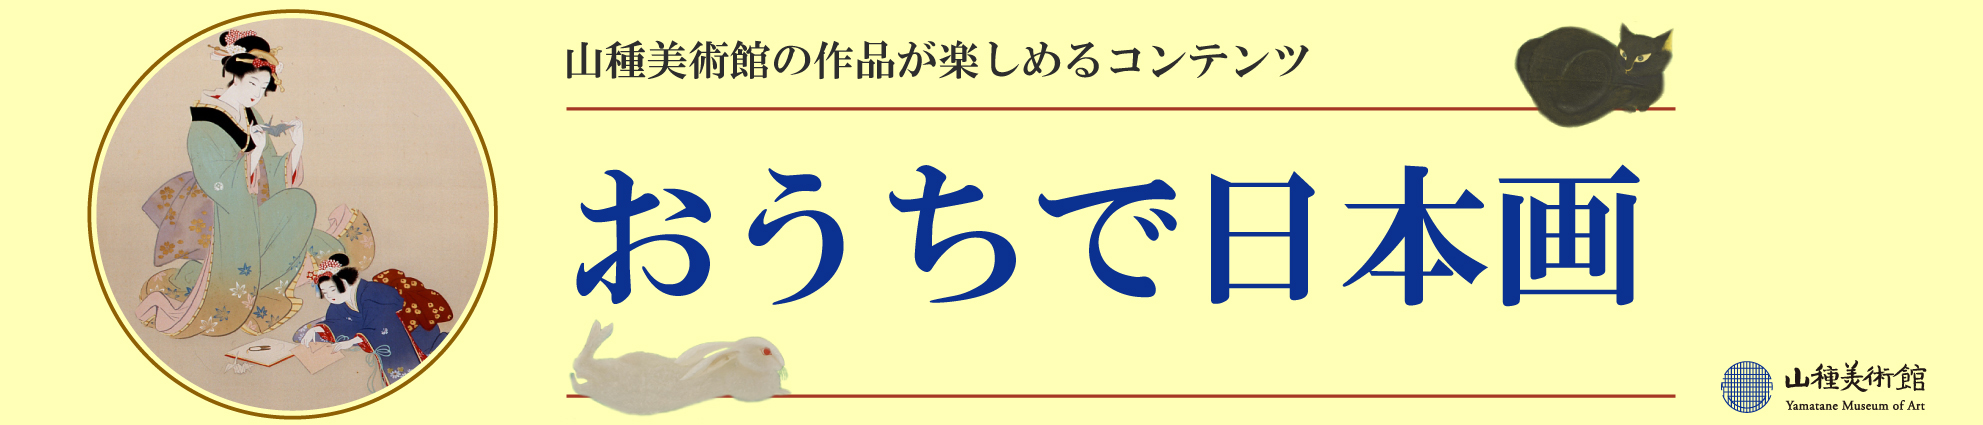 おうちで日本画